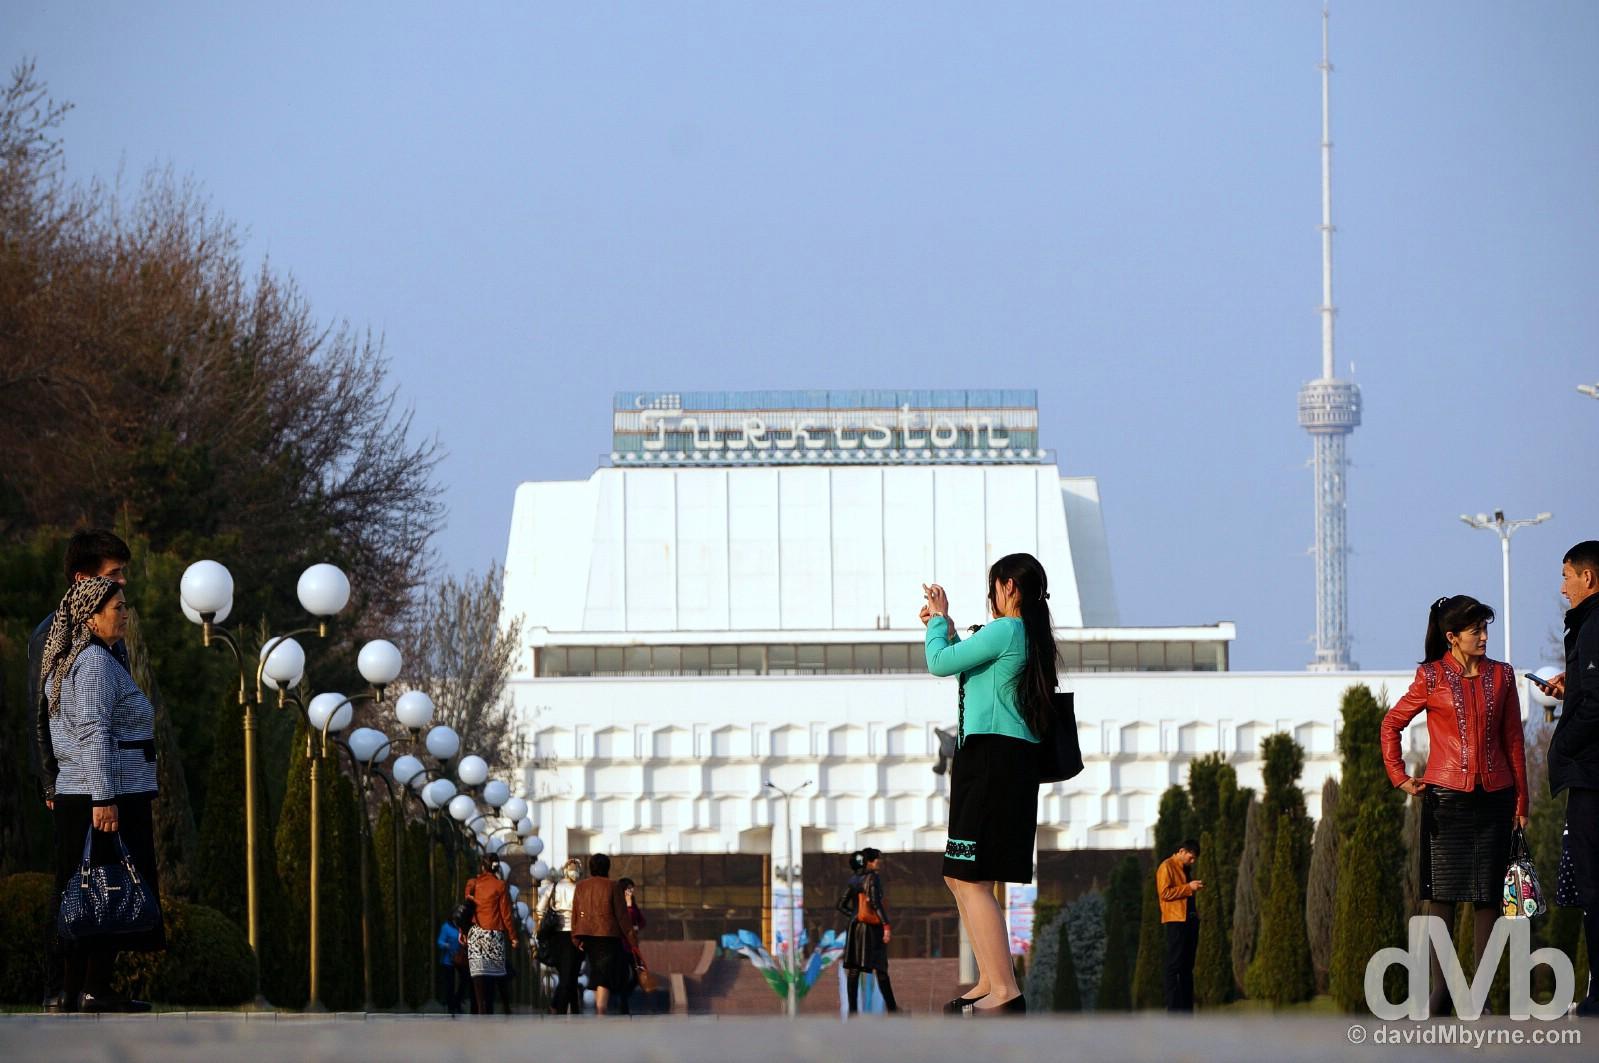 Mustaqillik Maydoni, Tashkent, Uzbekistan. March 5, 2015.